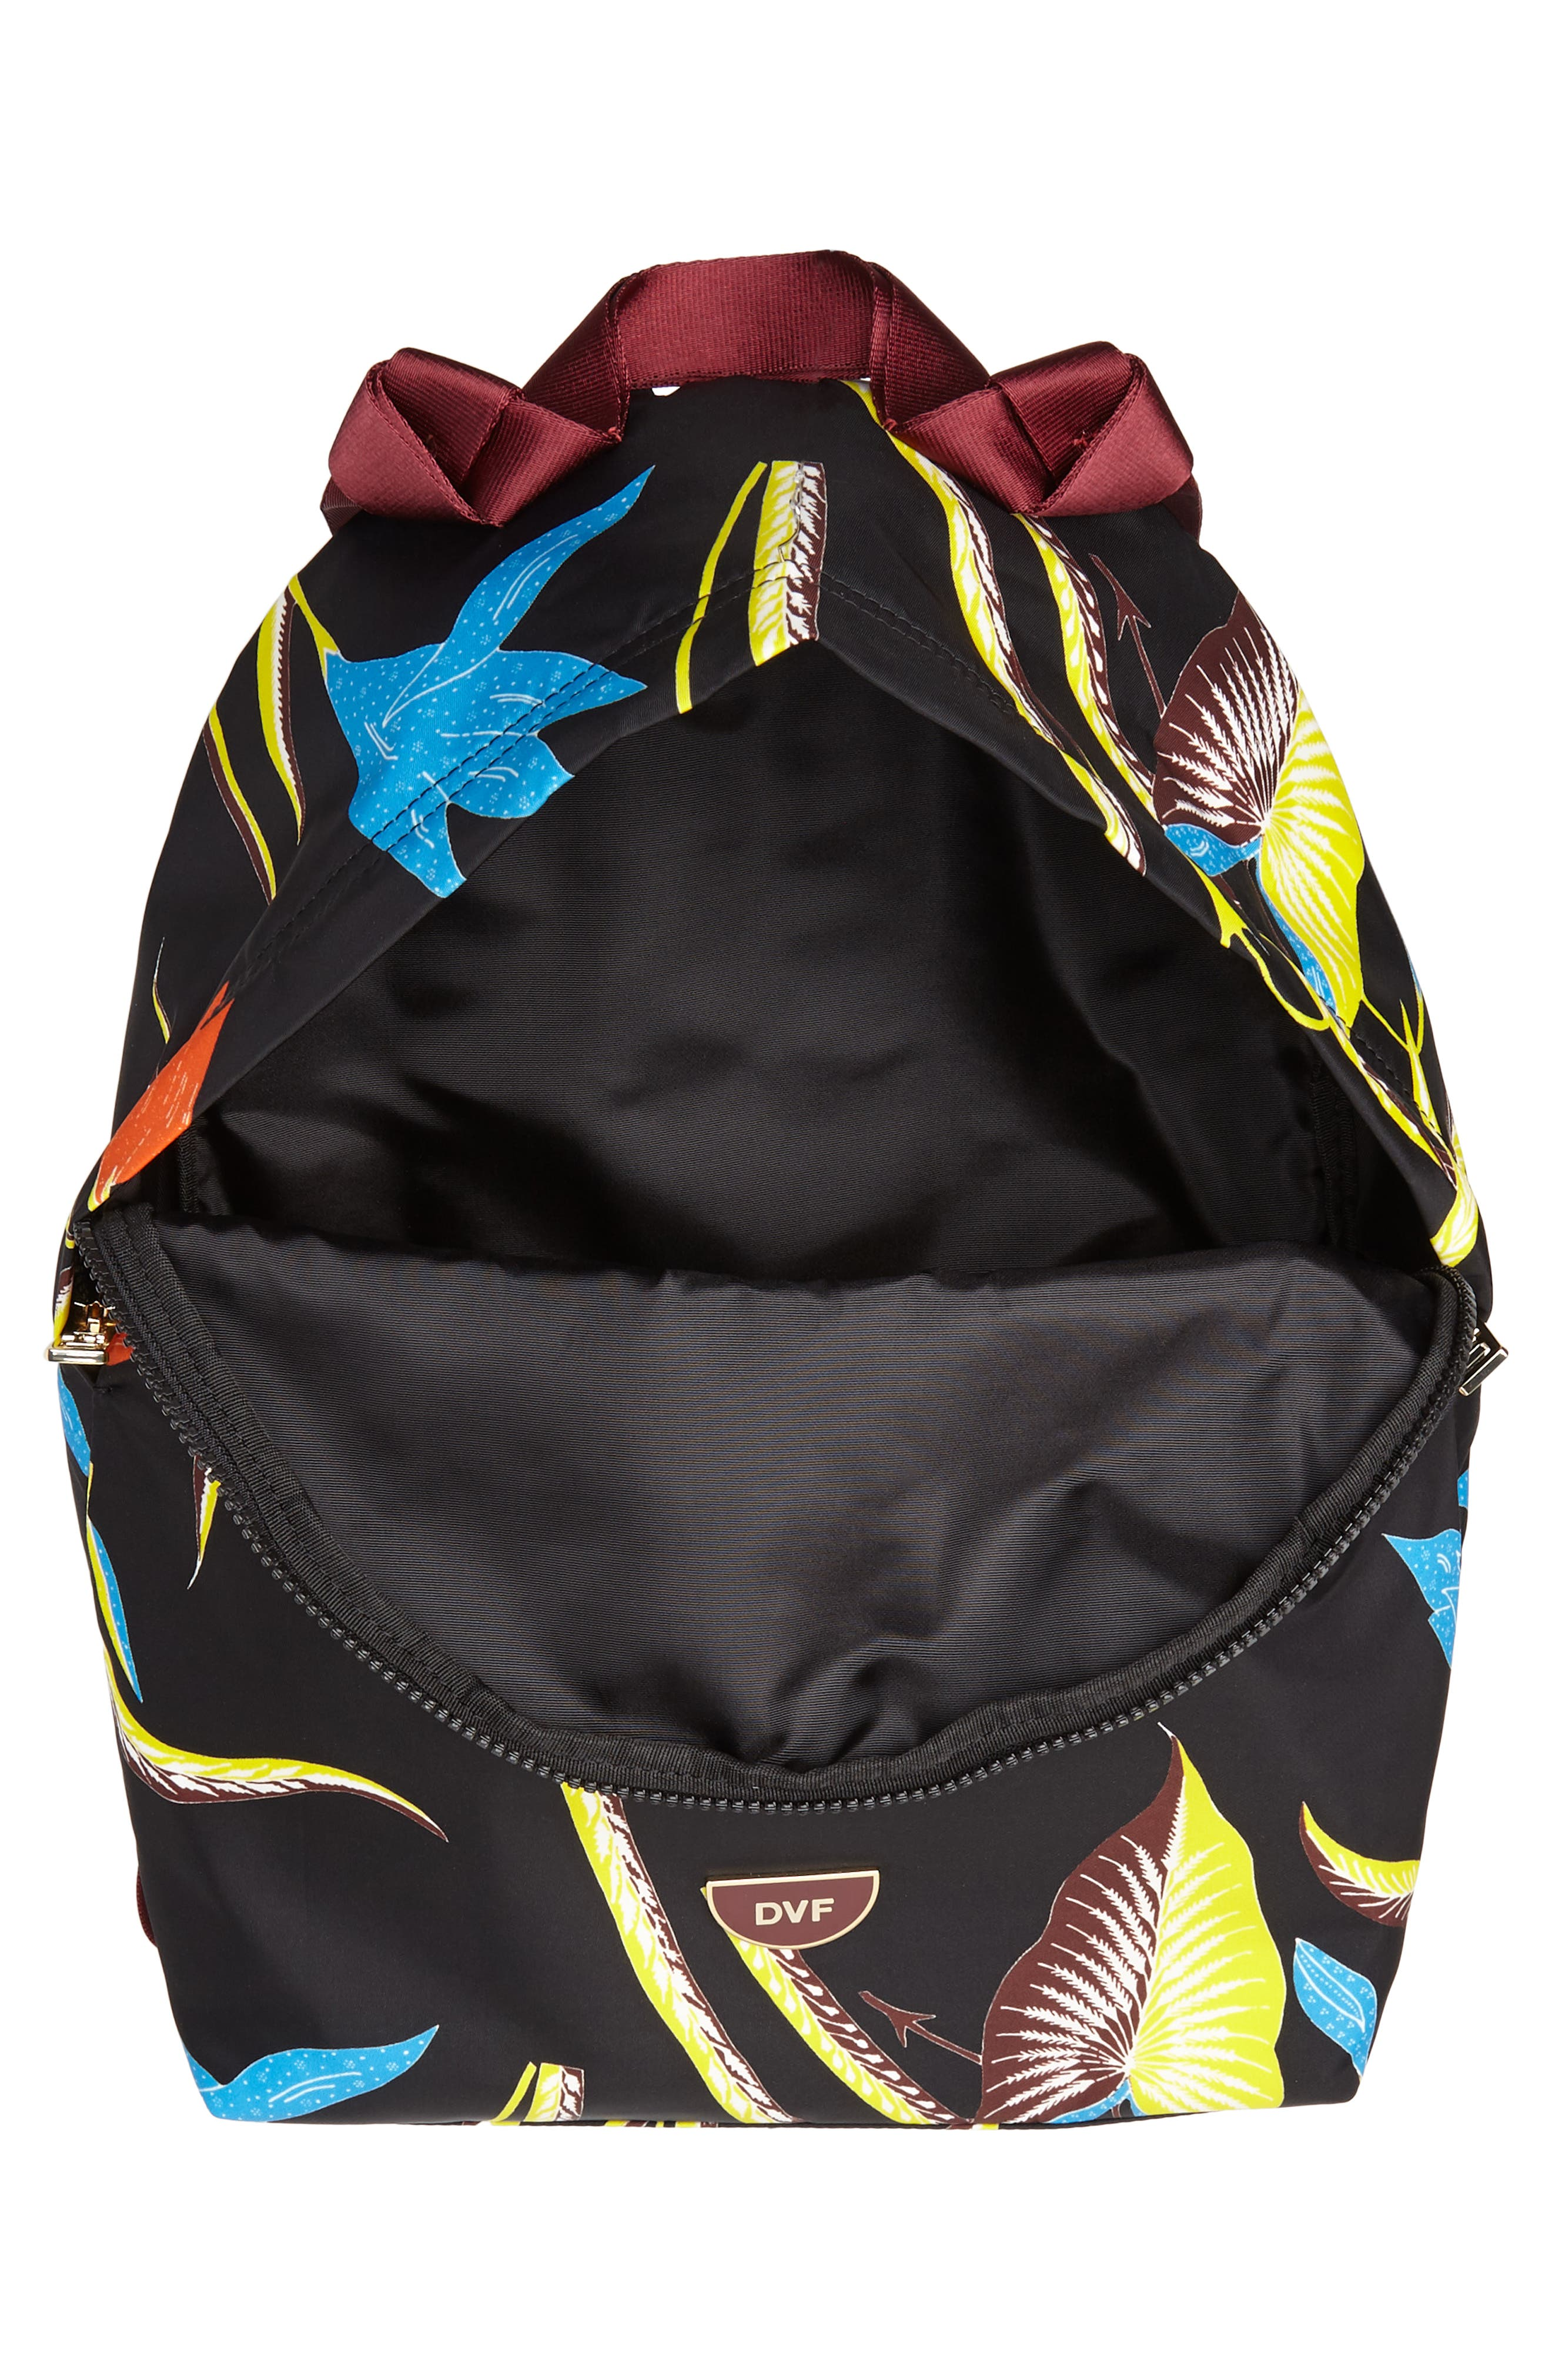 DVF Print Nylon Backpack,                             Alternate thumbnail 4, color,                             002